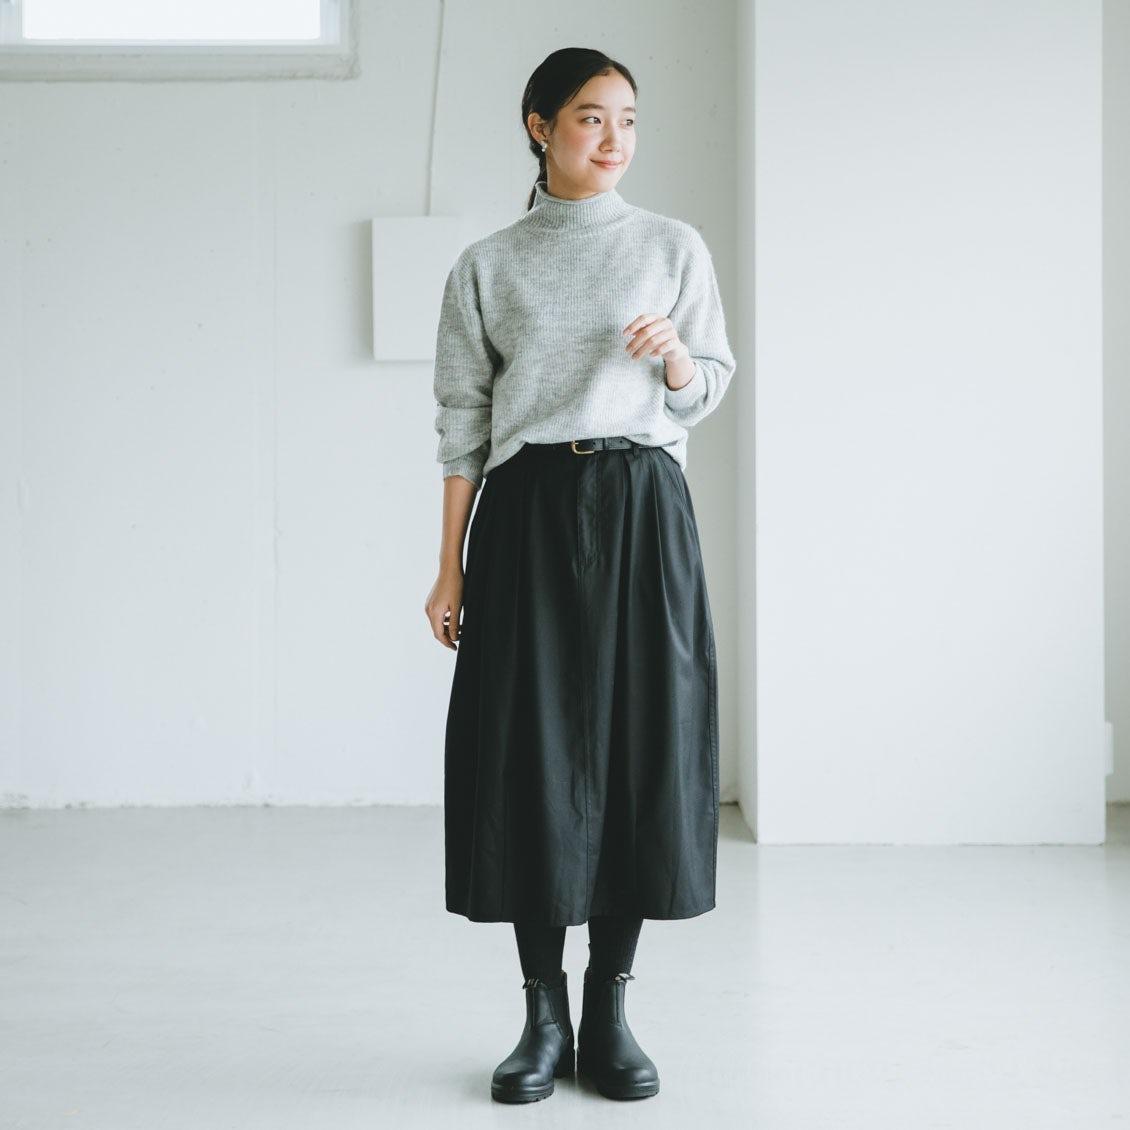 【新商品】今年の冬は、寒さ知らず。お出かけ中もしっかりあたたかい「コクーンスカート」が新登場です♪